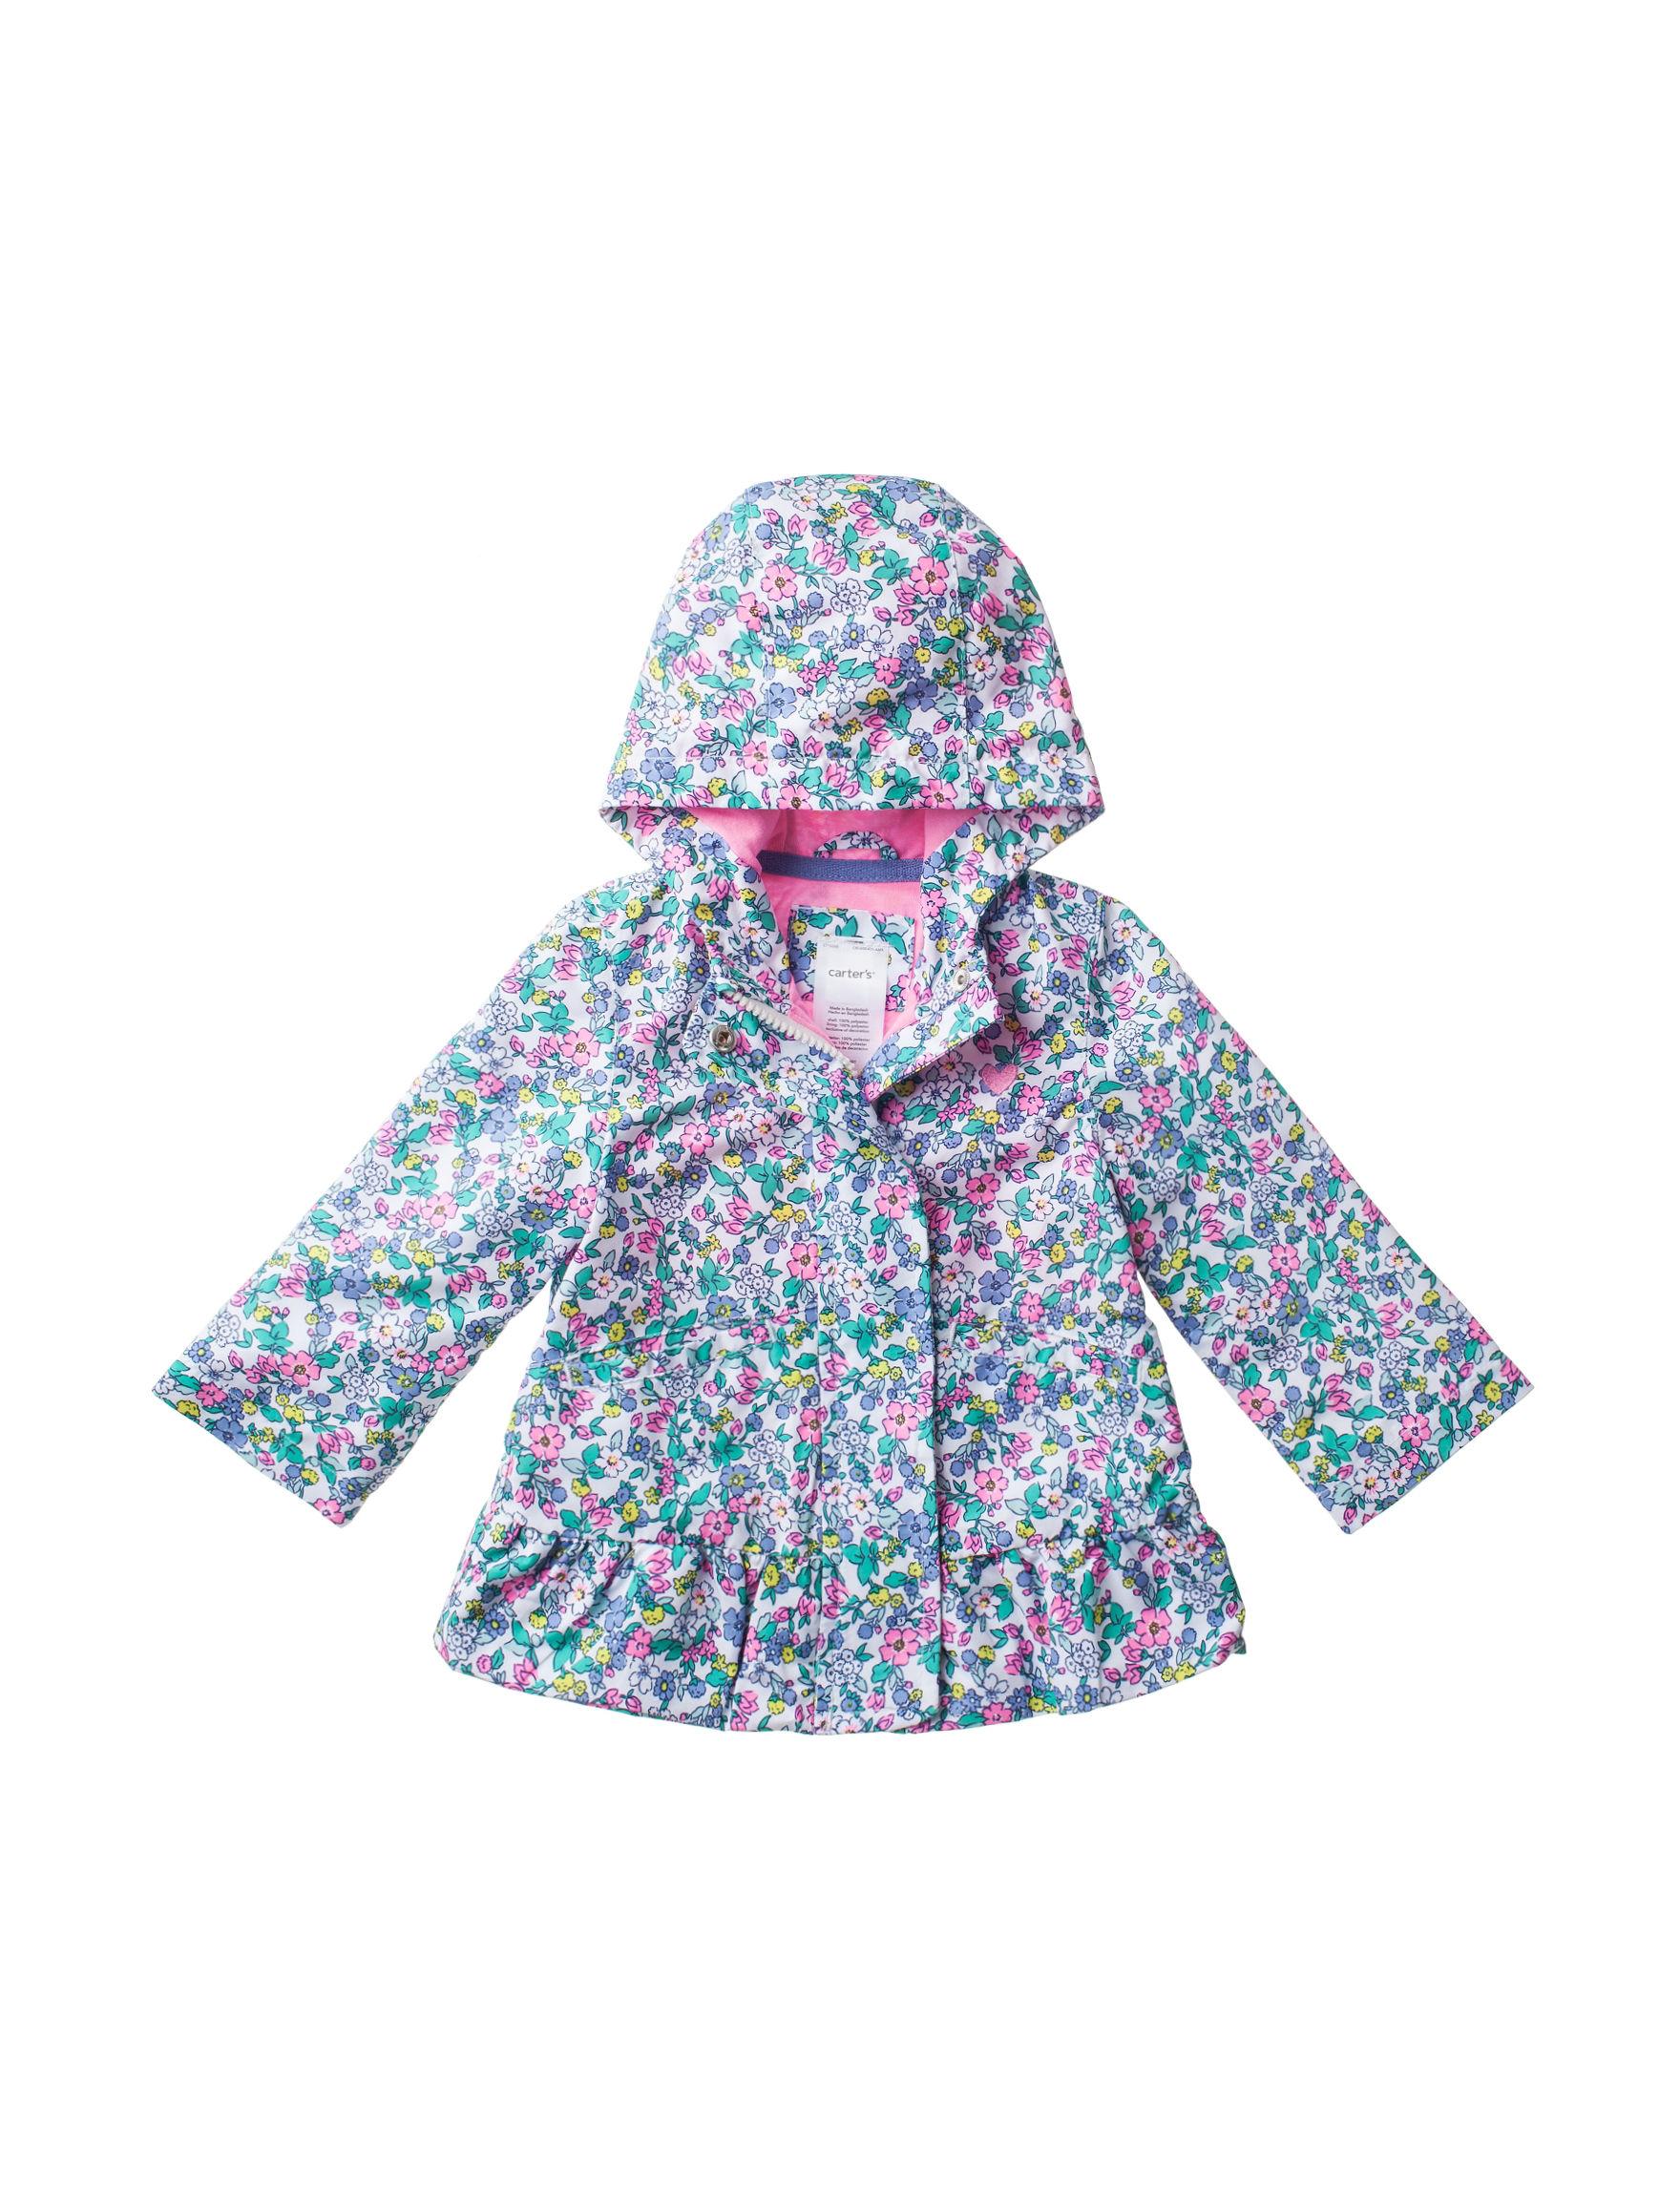 Carter's Pink Floral Lightweight Jackets & Blazers